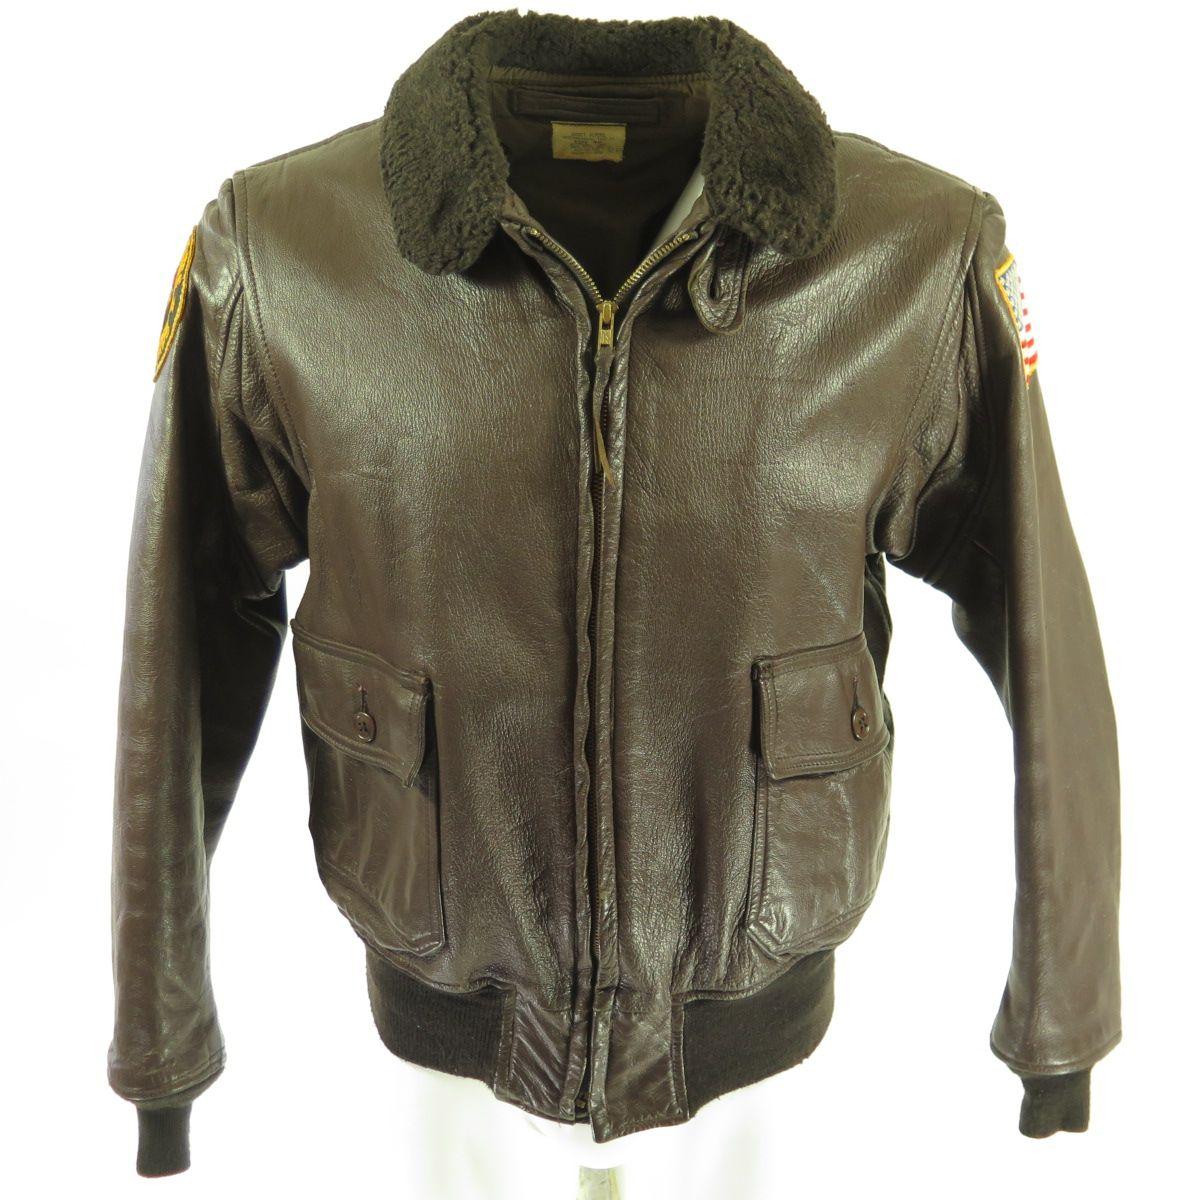 Marine corps leather jacket